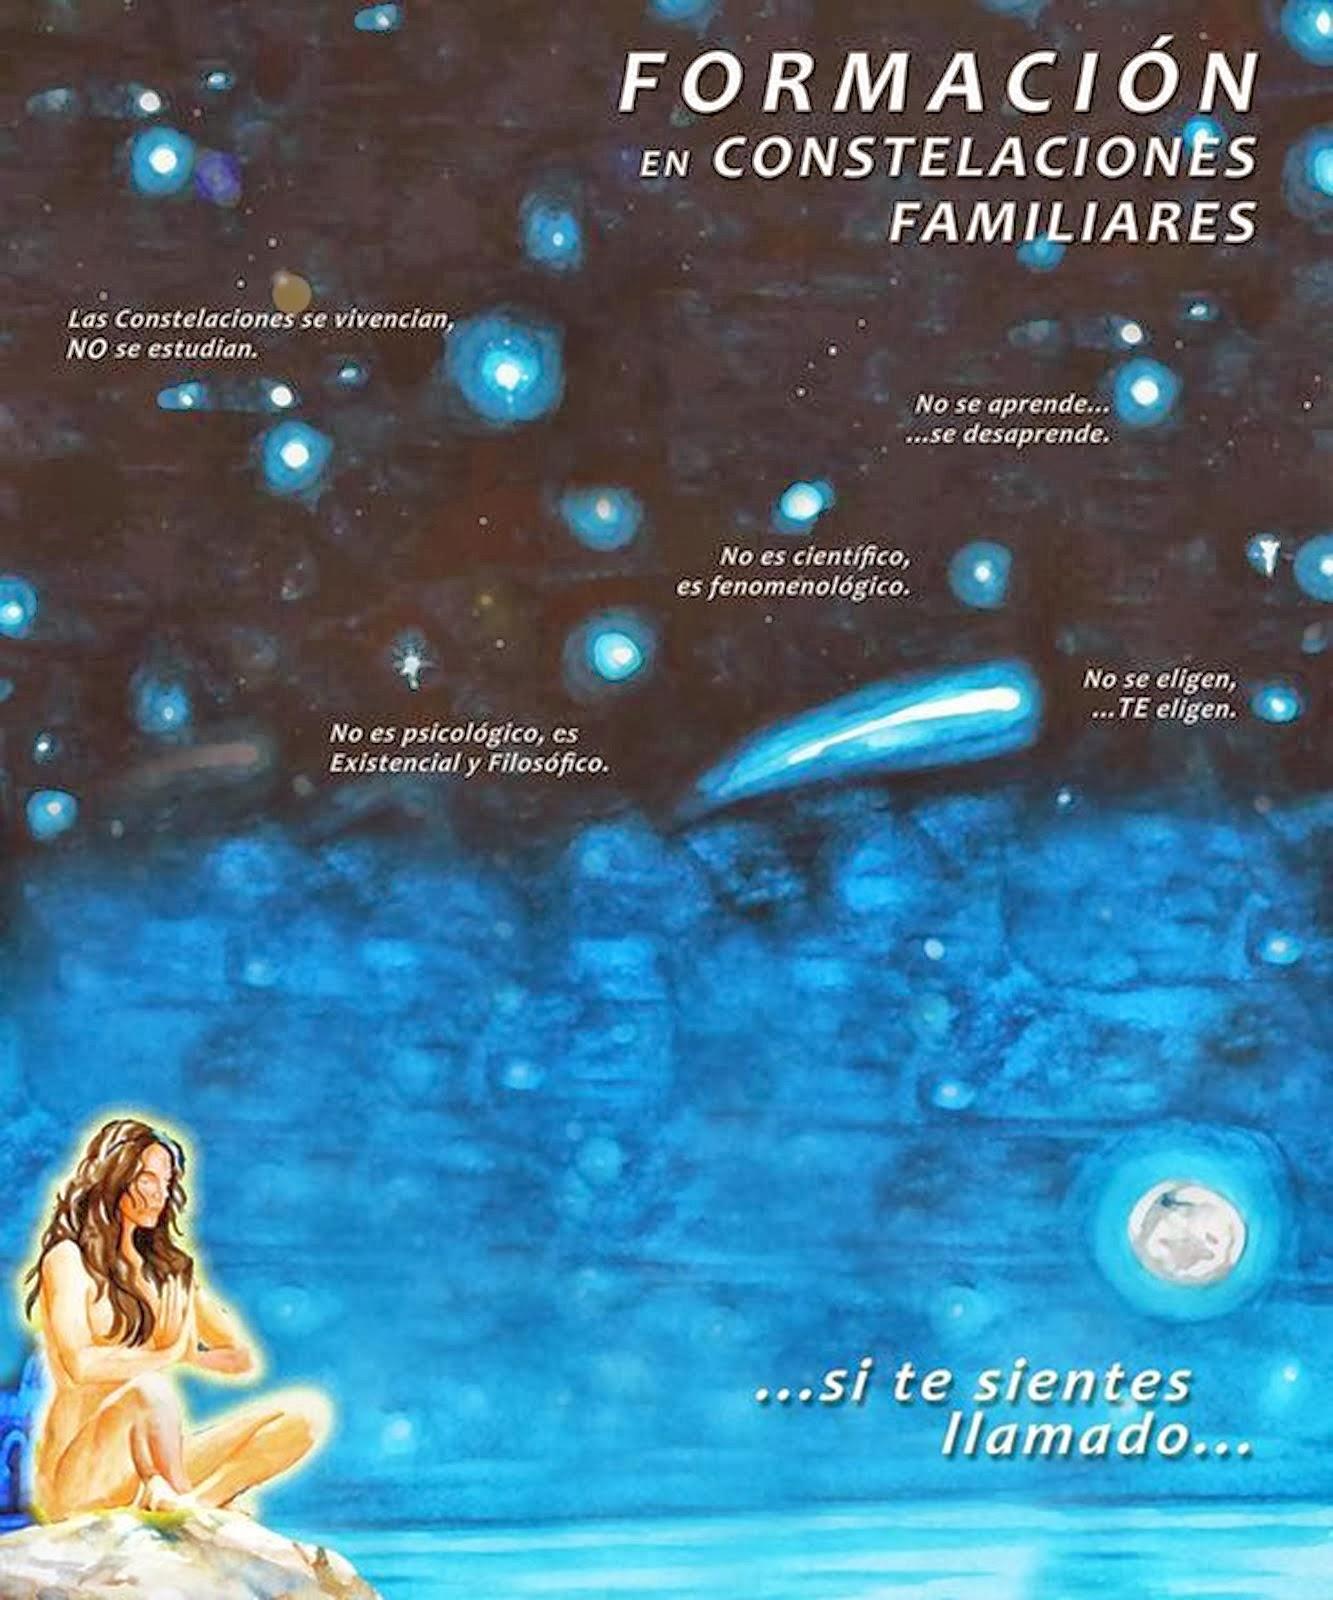 Formación en Constelaciones